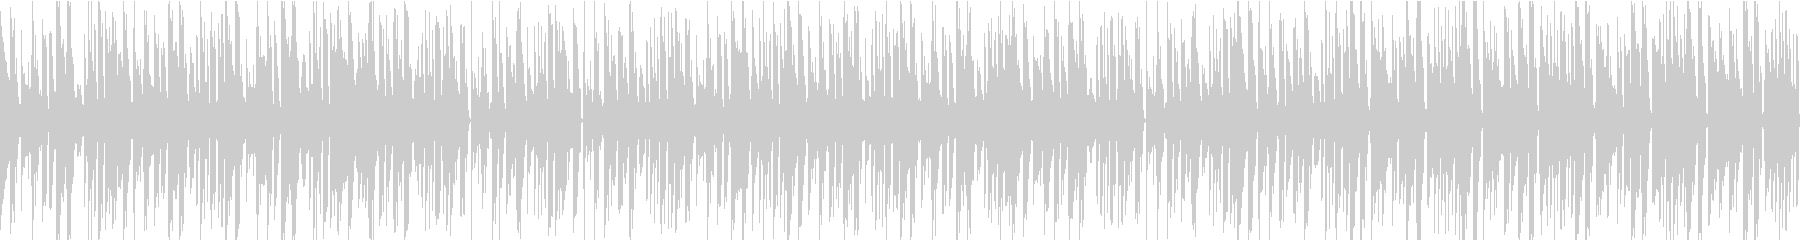 お洒落なジャズとベースのループBGMの未再生の波形